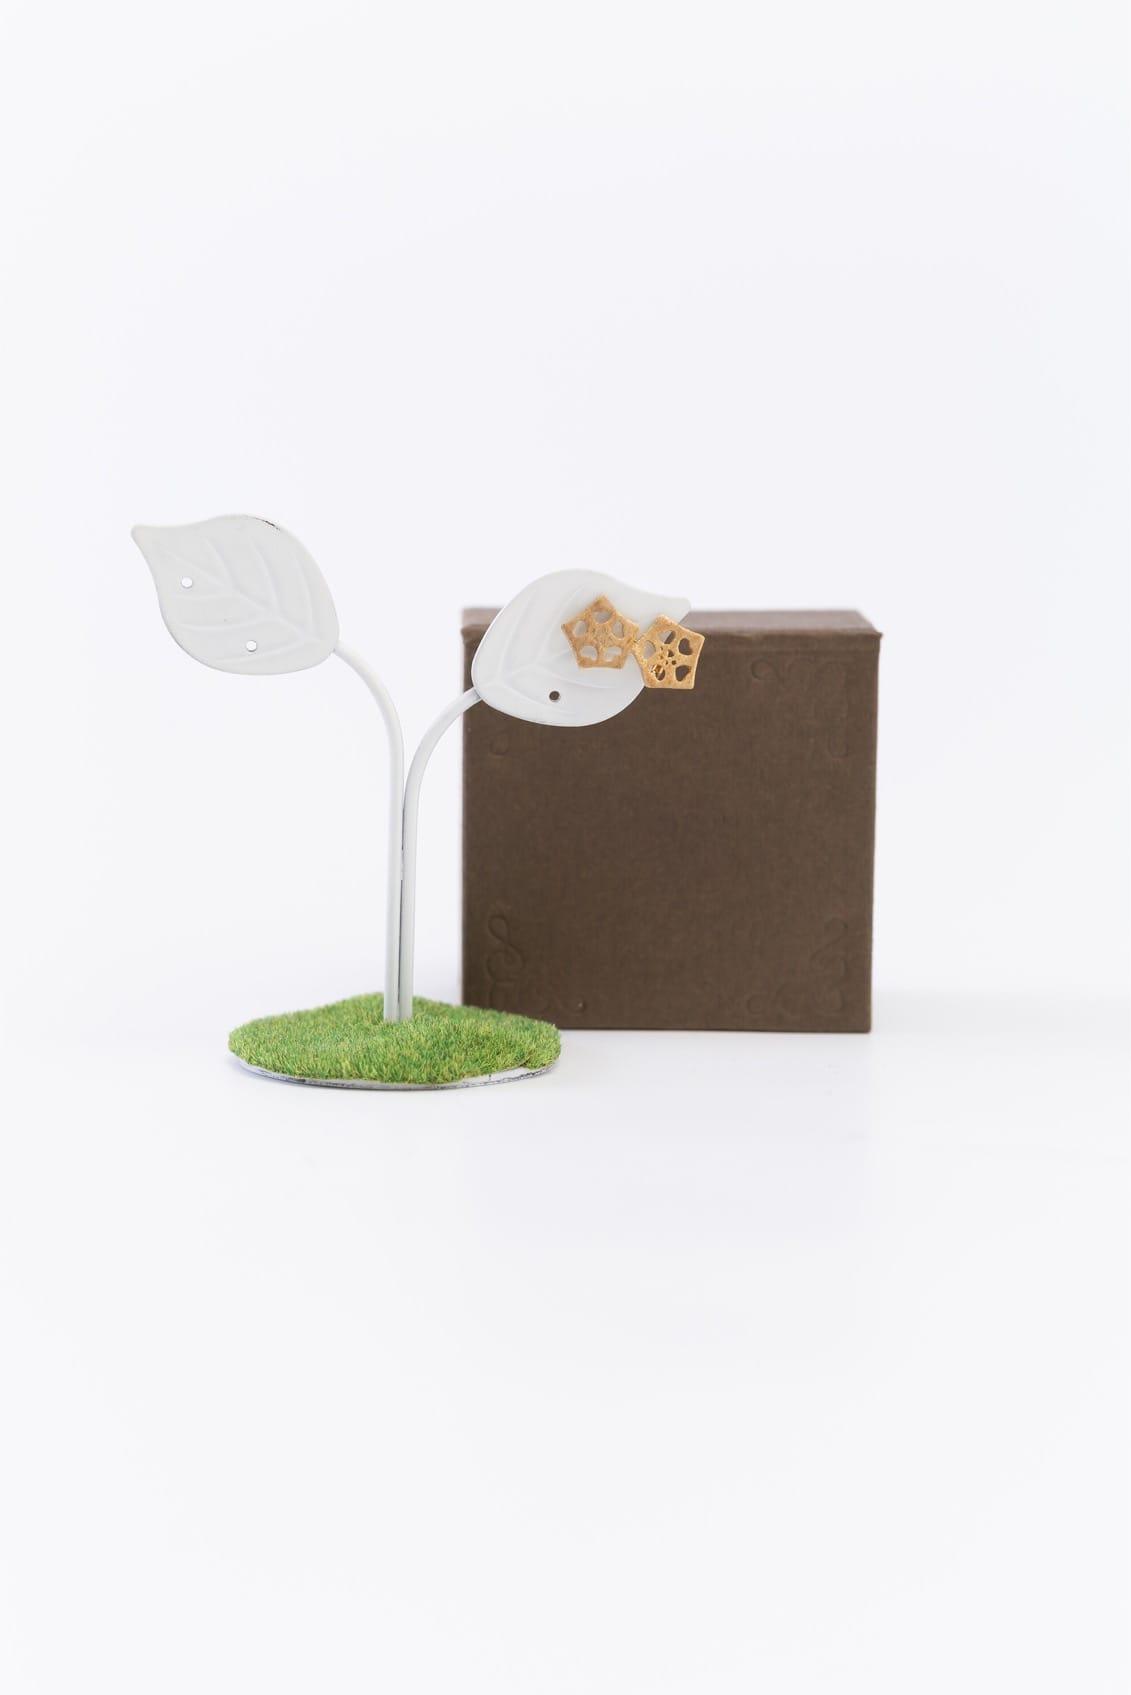 オクラ2個ピンブローチ(金)箱付きイメージ